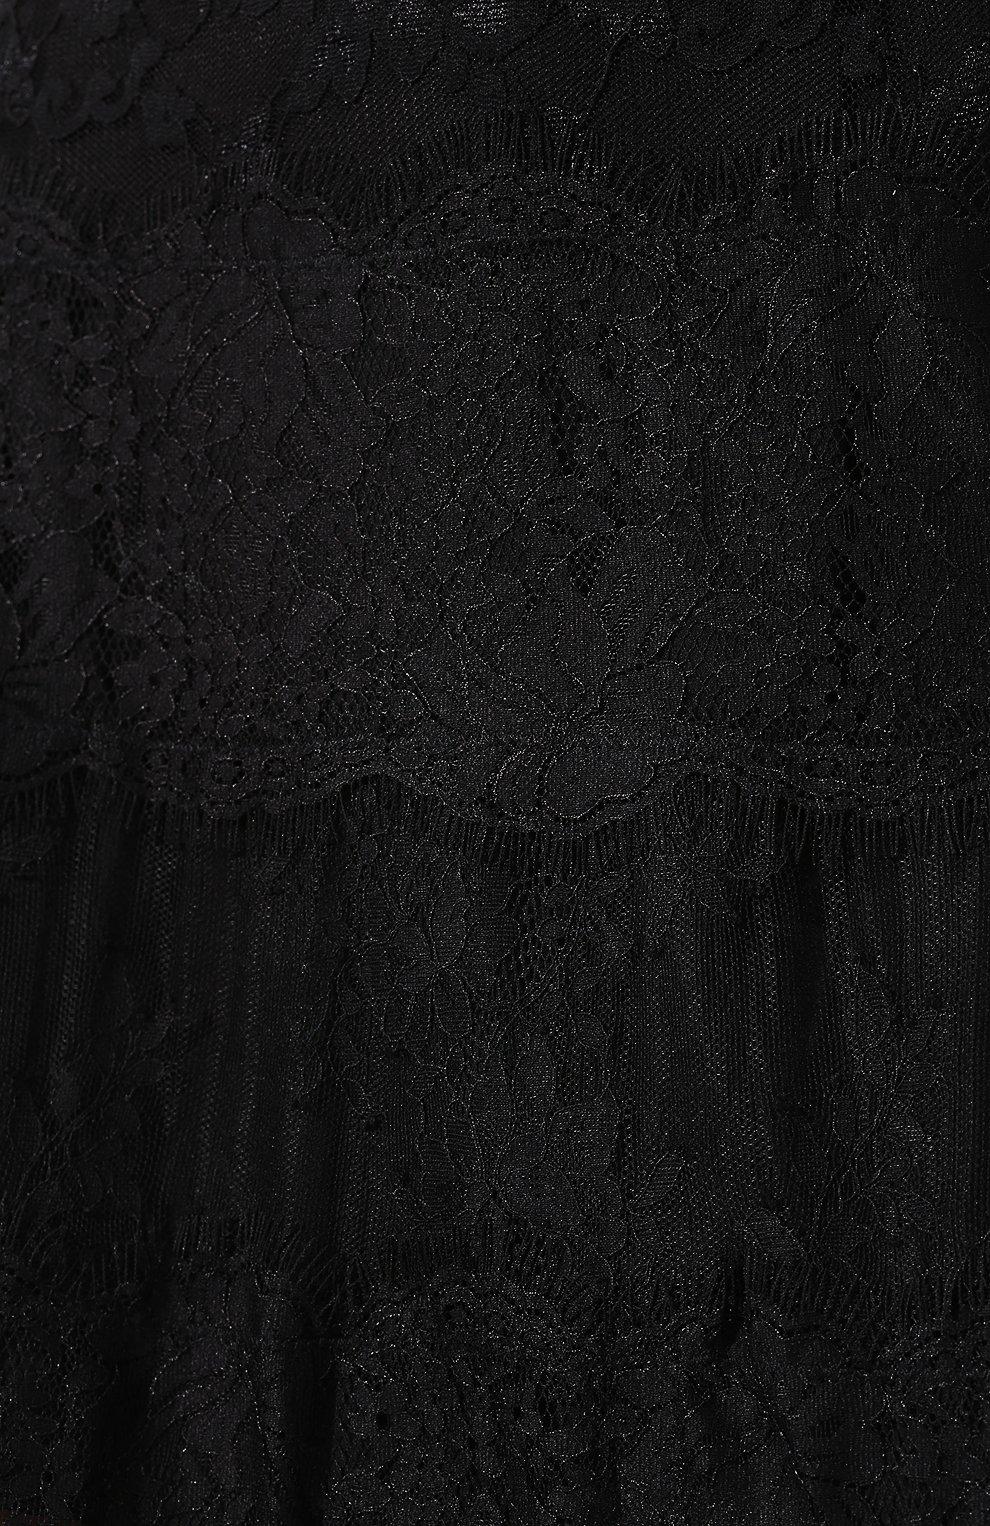 Женская юбка с кружевной отделкой MCQ SWALLOW черного цвета, арт. 545651/RMJ34   Фото 5 (Материал внешний: Синтетический материал; Длина Ж (юбки, платья, шорты): Миди; Статус проверки: Проверено, Проверена категория)